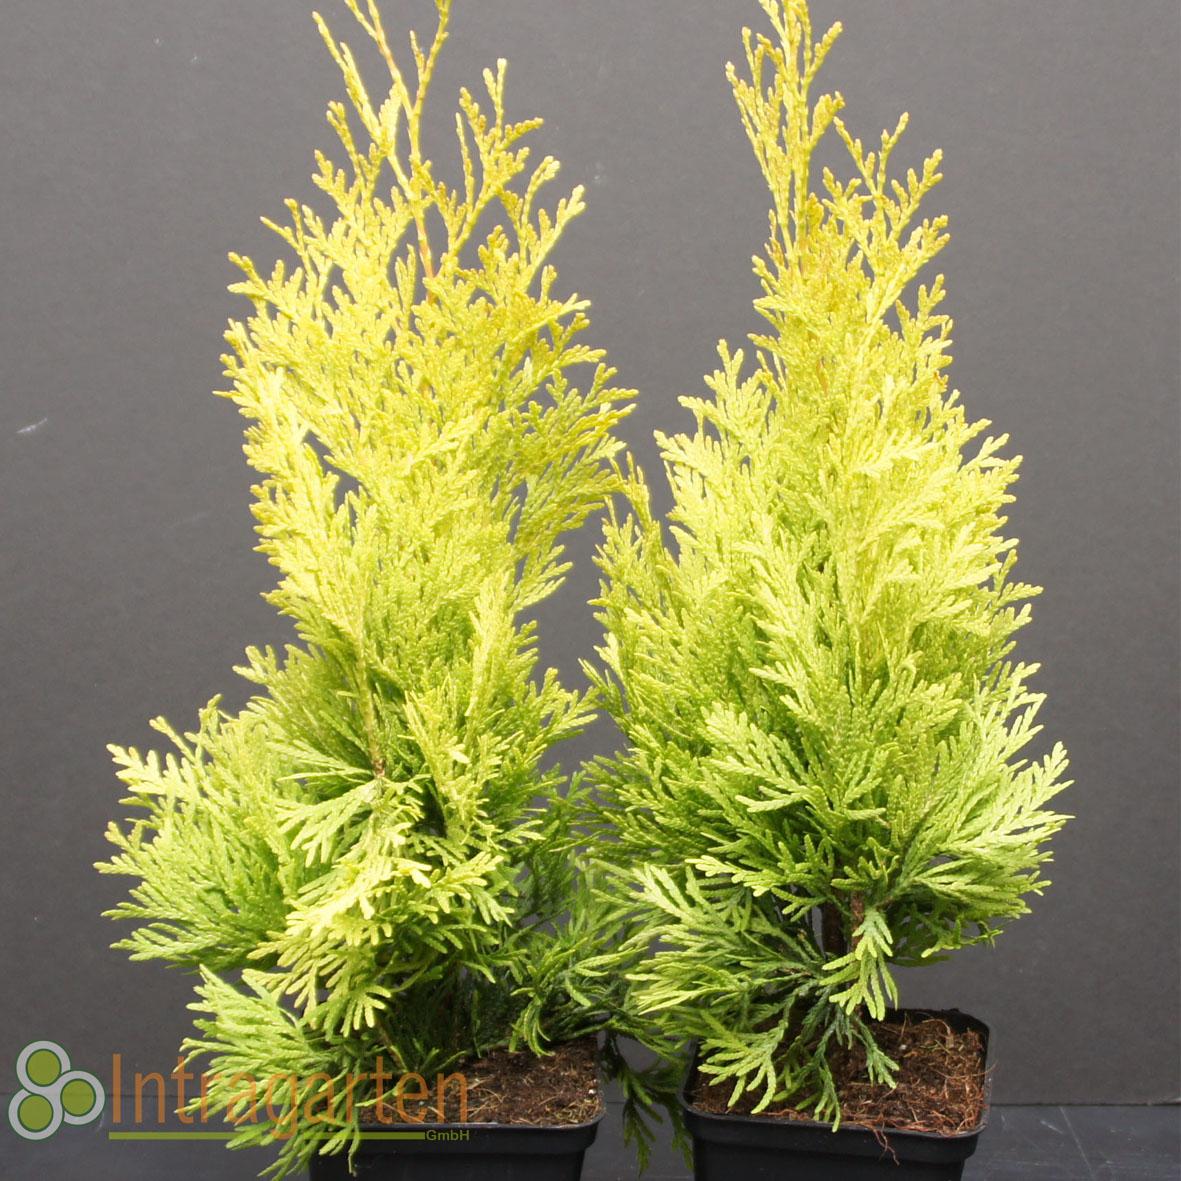 gelbe scheinzypresse chameacyparis stardust goldzypresse. Black Bedroom Furniture Sets. Home Design Ideas